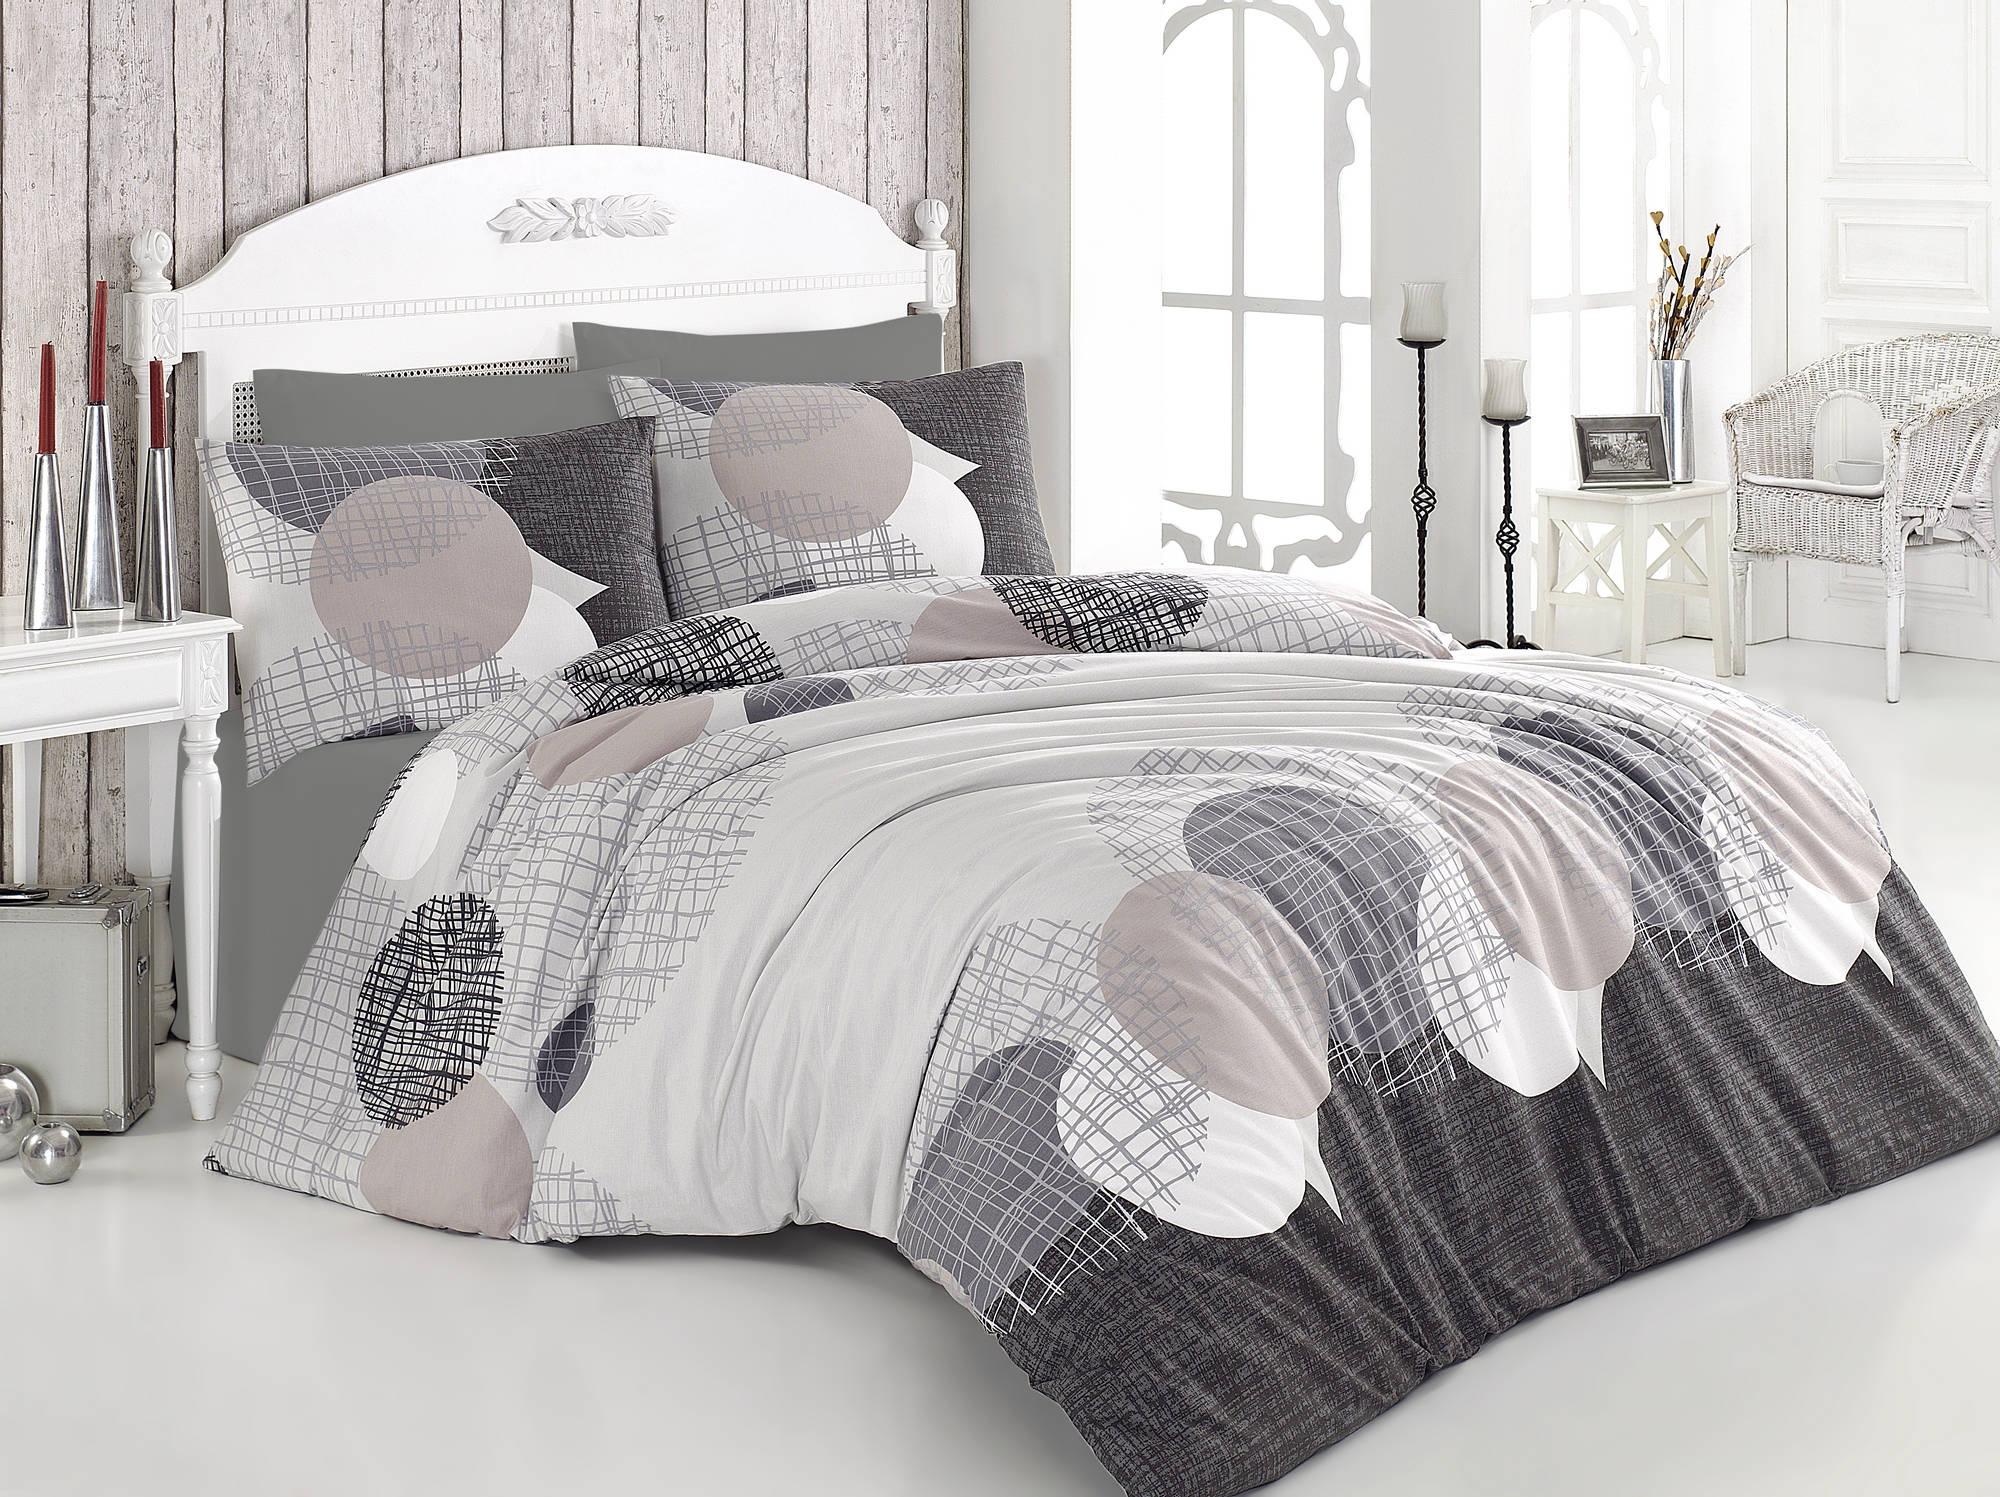 Lenjerie de pat din bumbac Ranforce, Jadore Bej / Gri, 200 x 220 cm